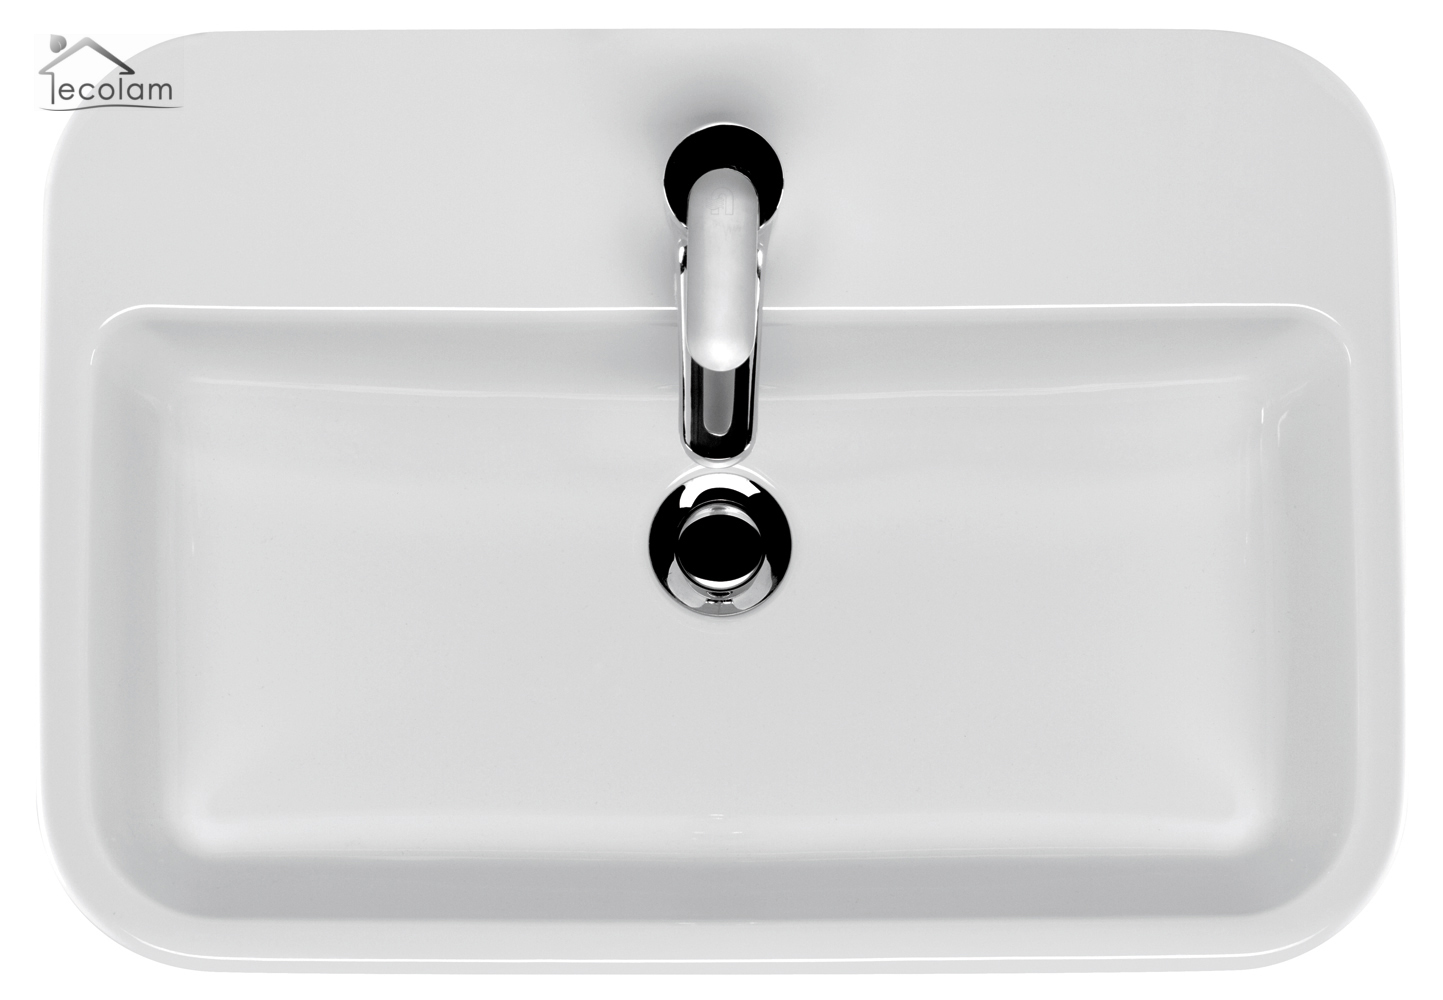 aufsatzwaschbecken 60 x 42 cm waschtisch waschbecken aufsatzwaschtisch eckig ebay. Black Bedroom Furniture Sets. Home Design Ideas